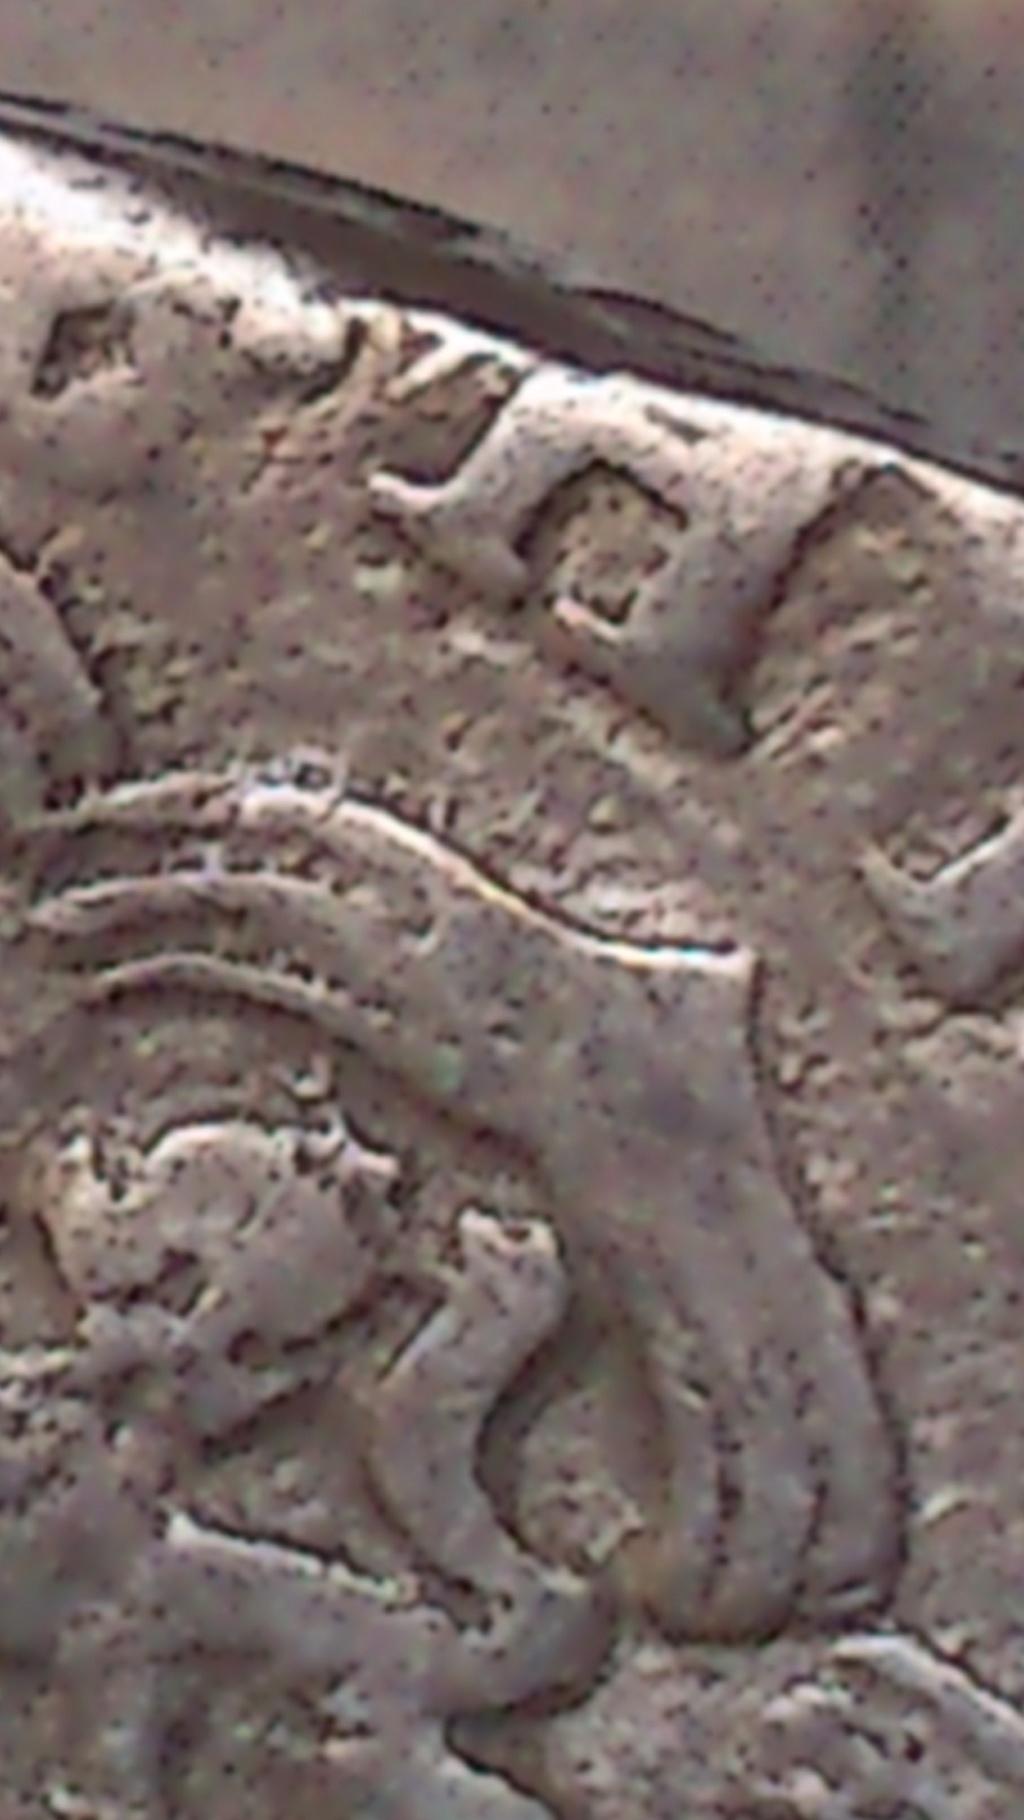 8 Reales de Felipe III. Tipo OMNIVM ceca de Sevilla. - Página 2 Dsc_0038